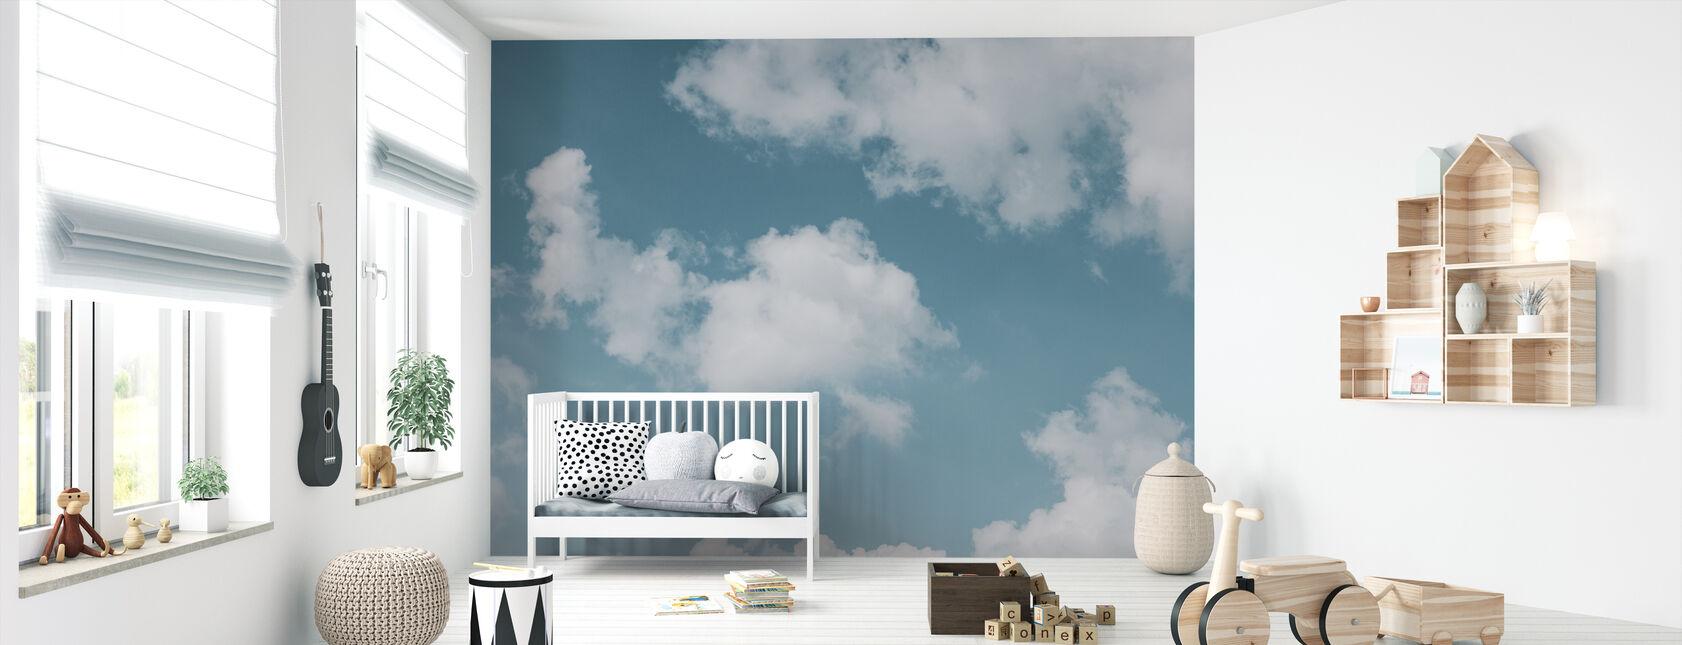 Sea of Clouds - Wallpaper - Nursery